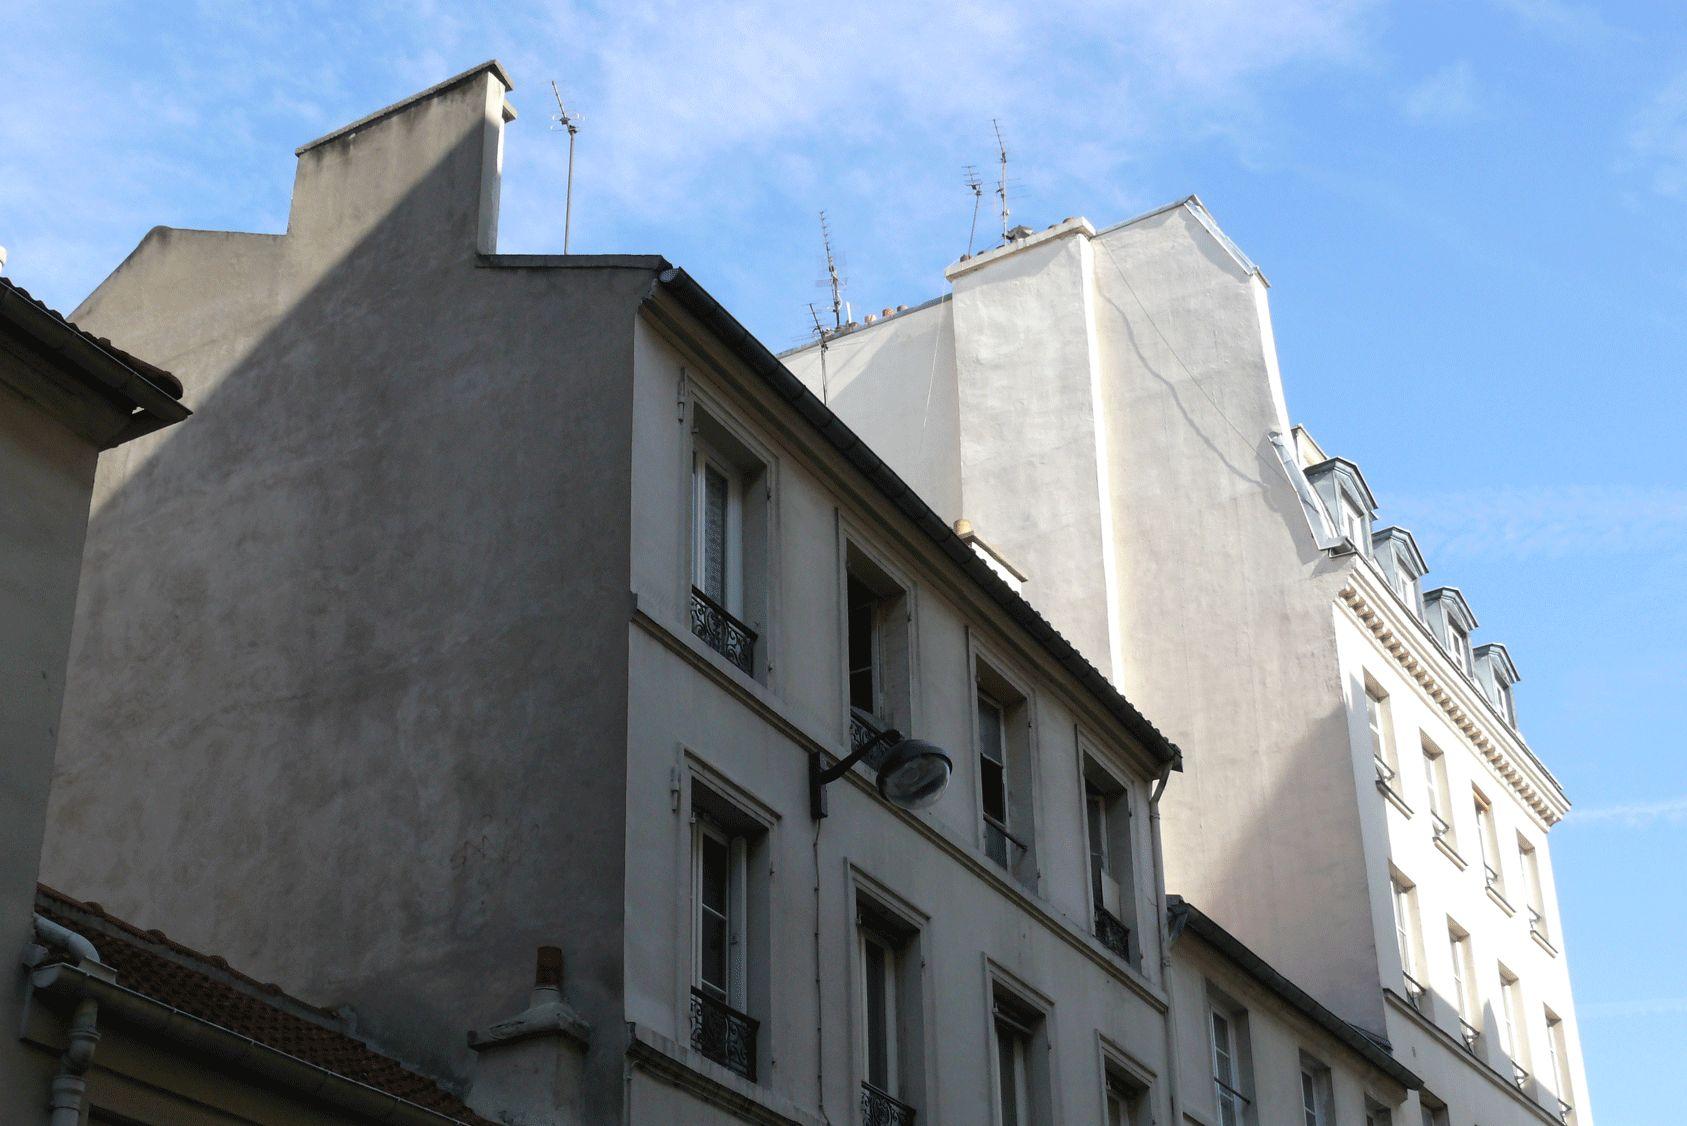 Patrimoine: un nouvel immeuble me cache le soleil